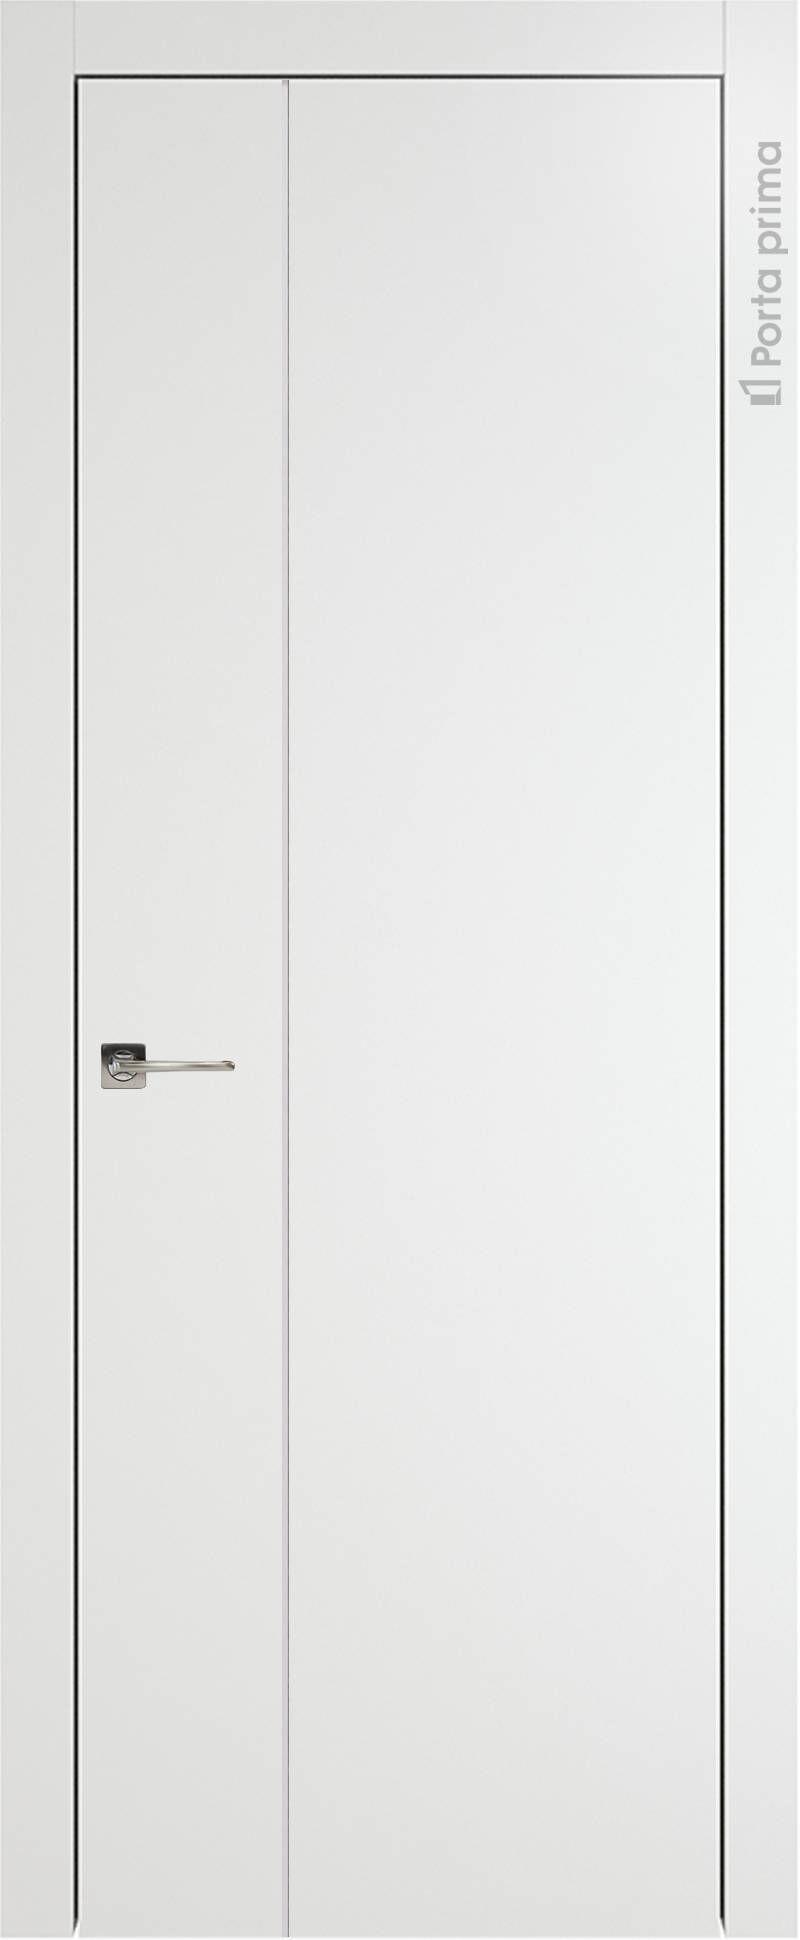 Tivoli В-1 цвет - Белая эмаль (RAL 9003) Без стекла (ДГ)